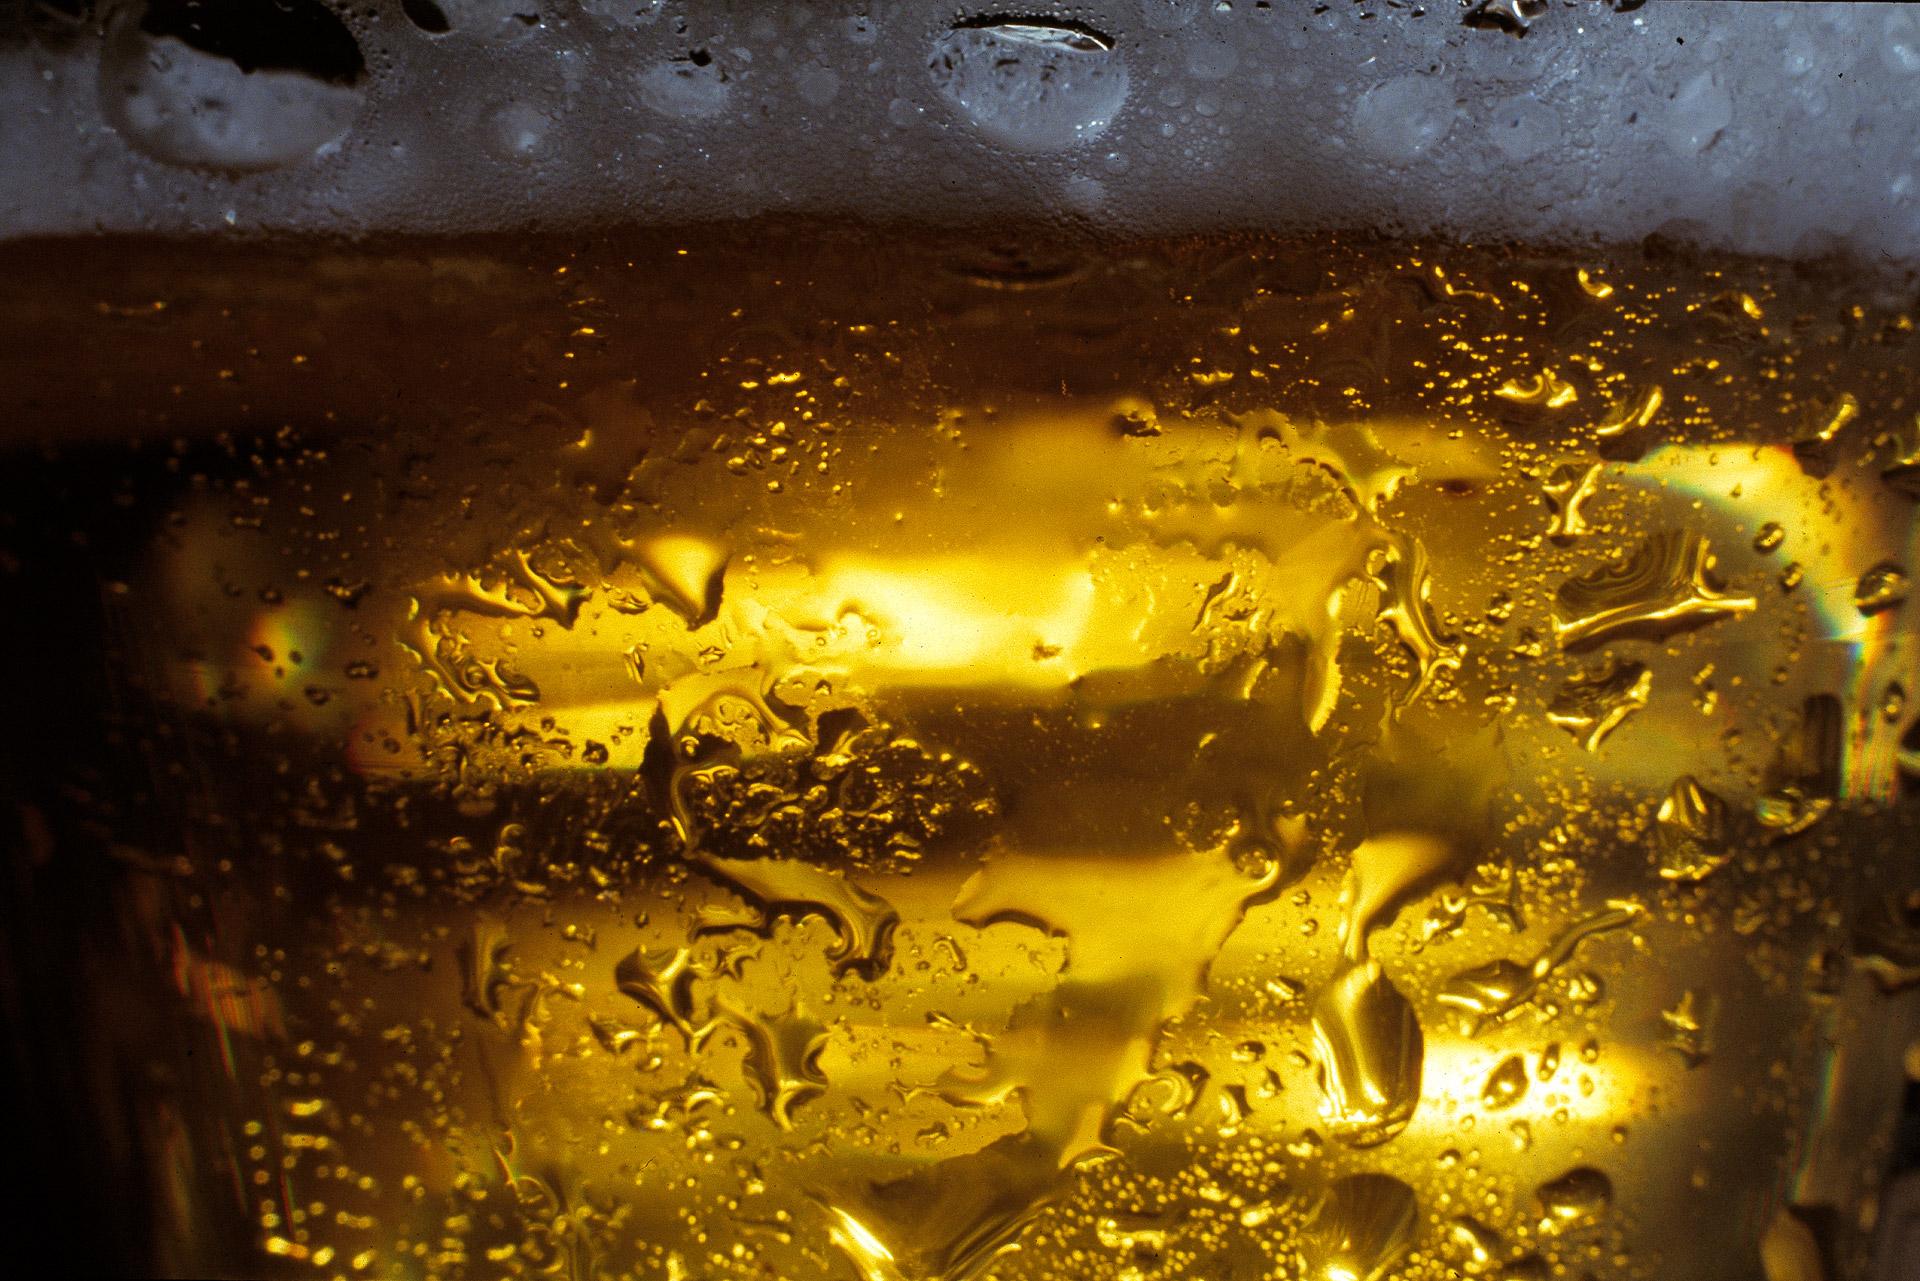 A glass of Carlsberg Beer